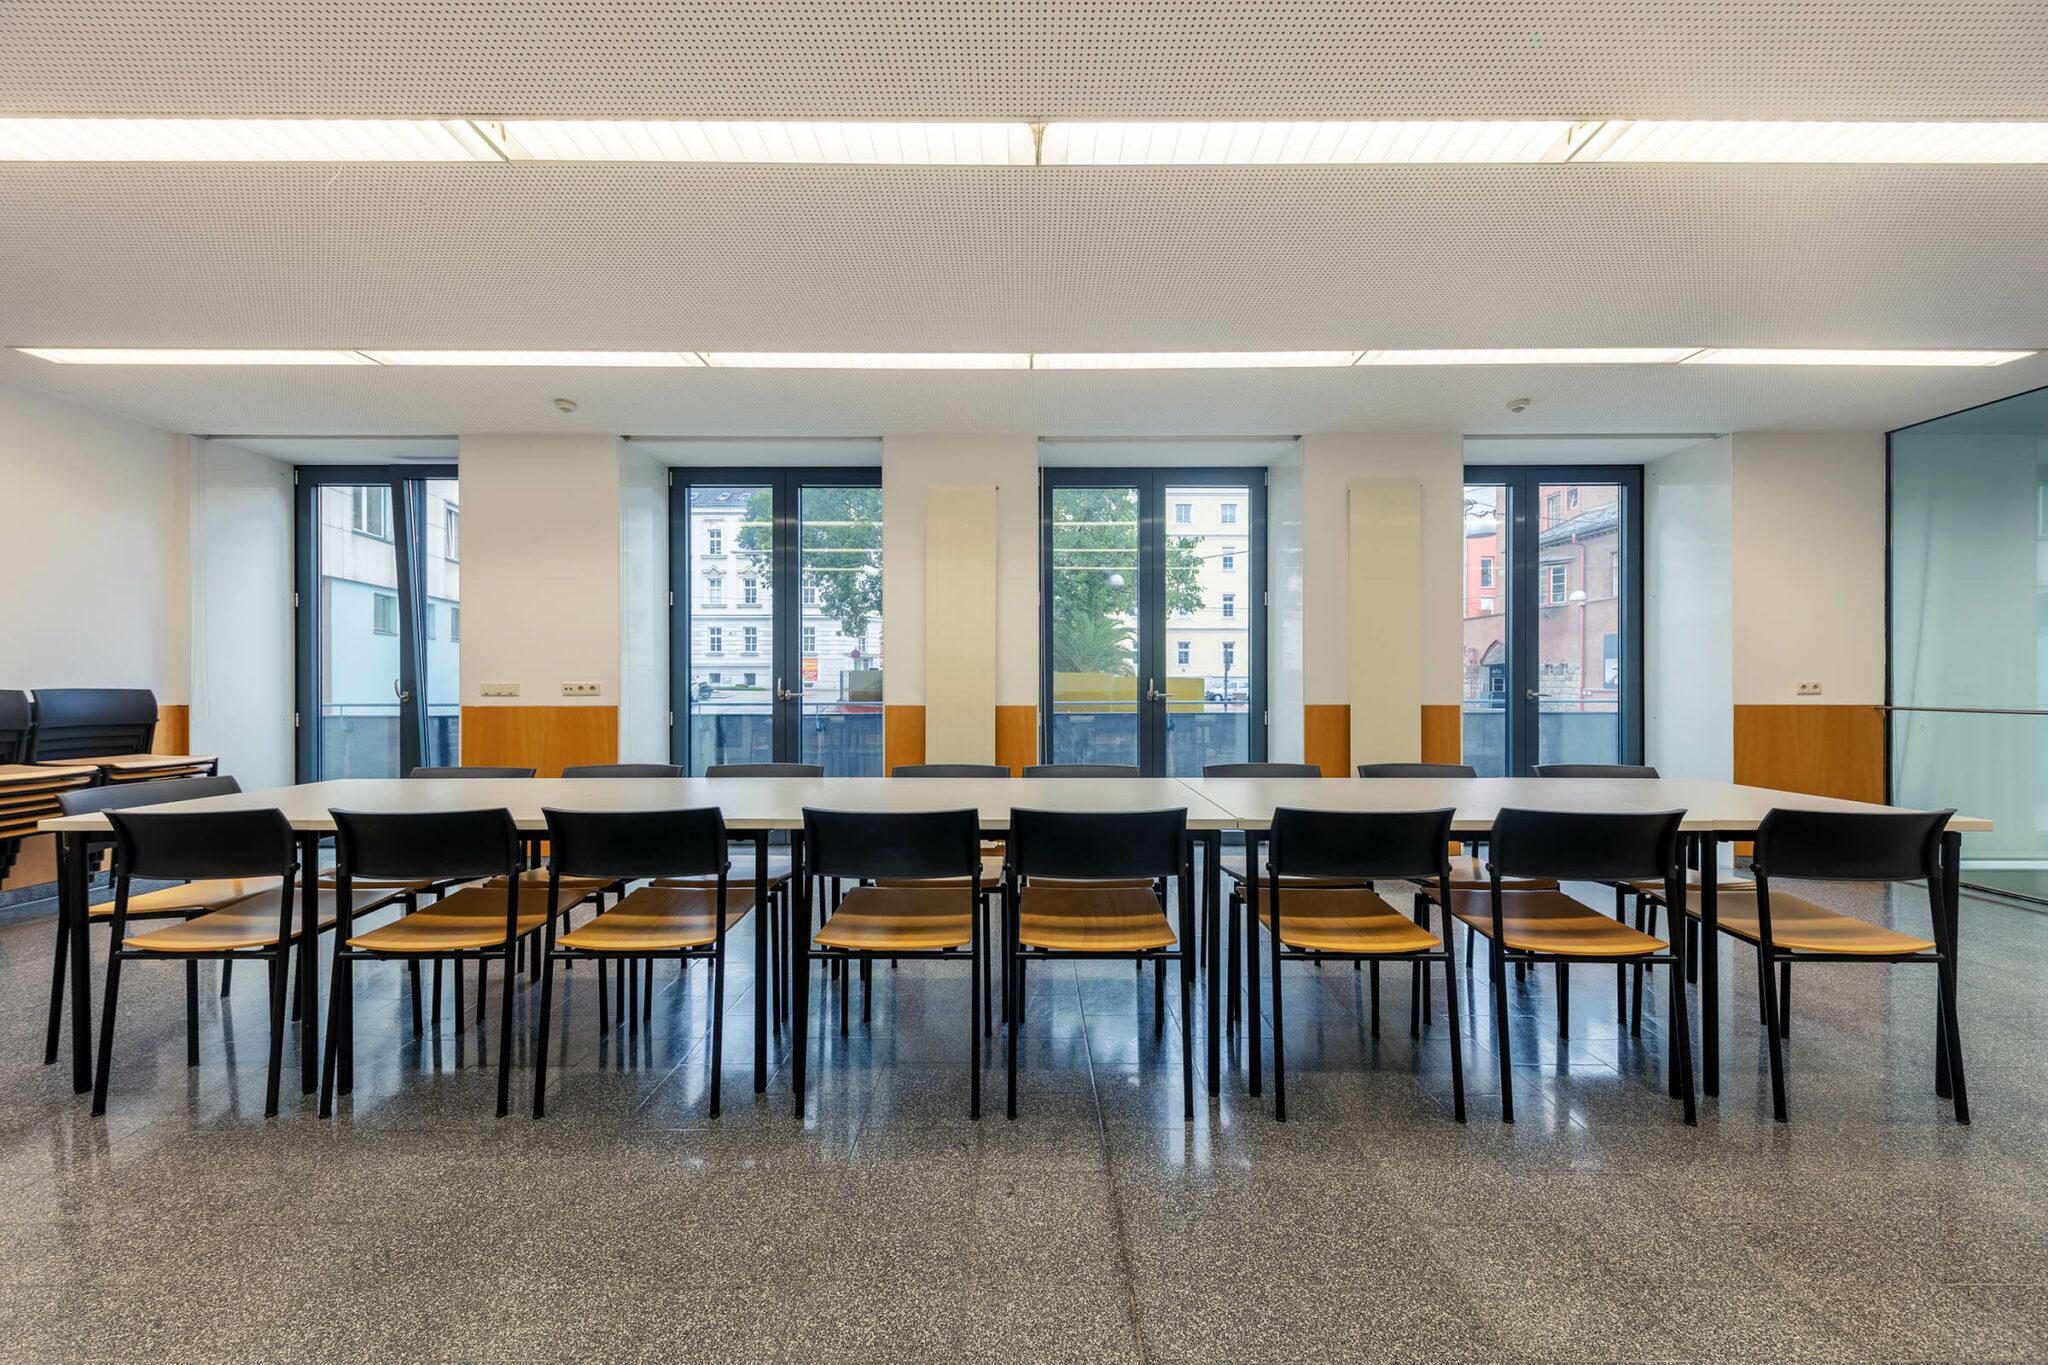 WIST_Wohnen_fuer_Studierende_2021_Ernst_Freizeitraum